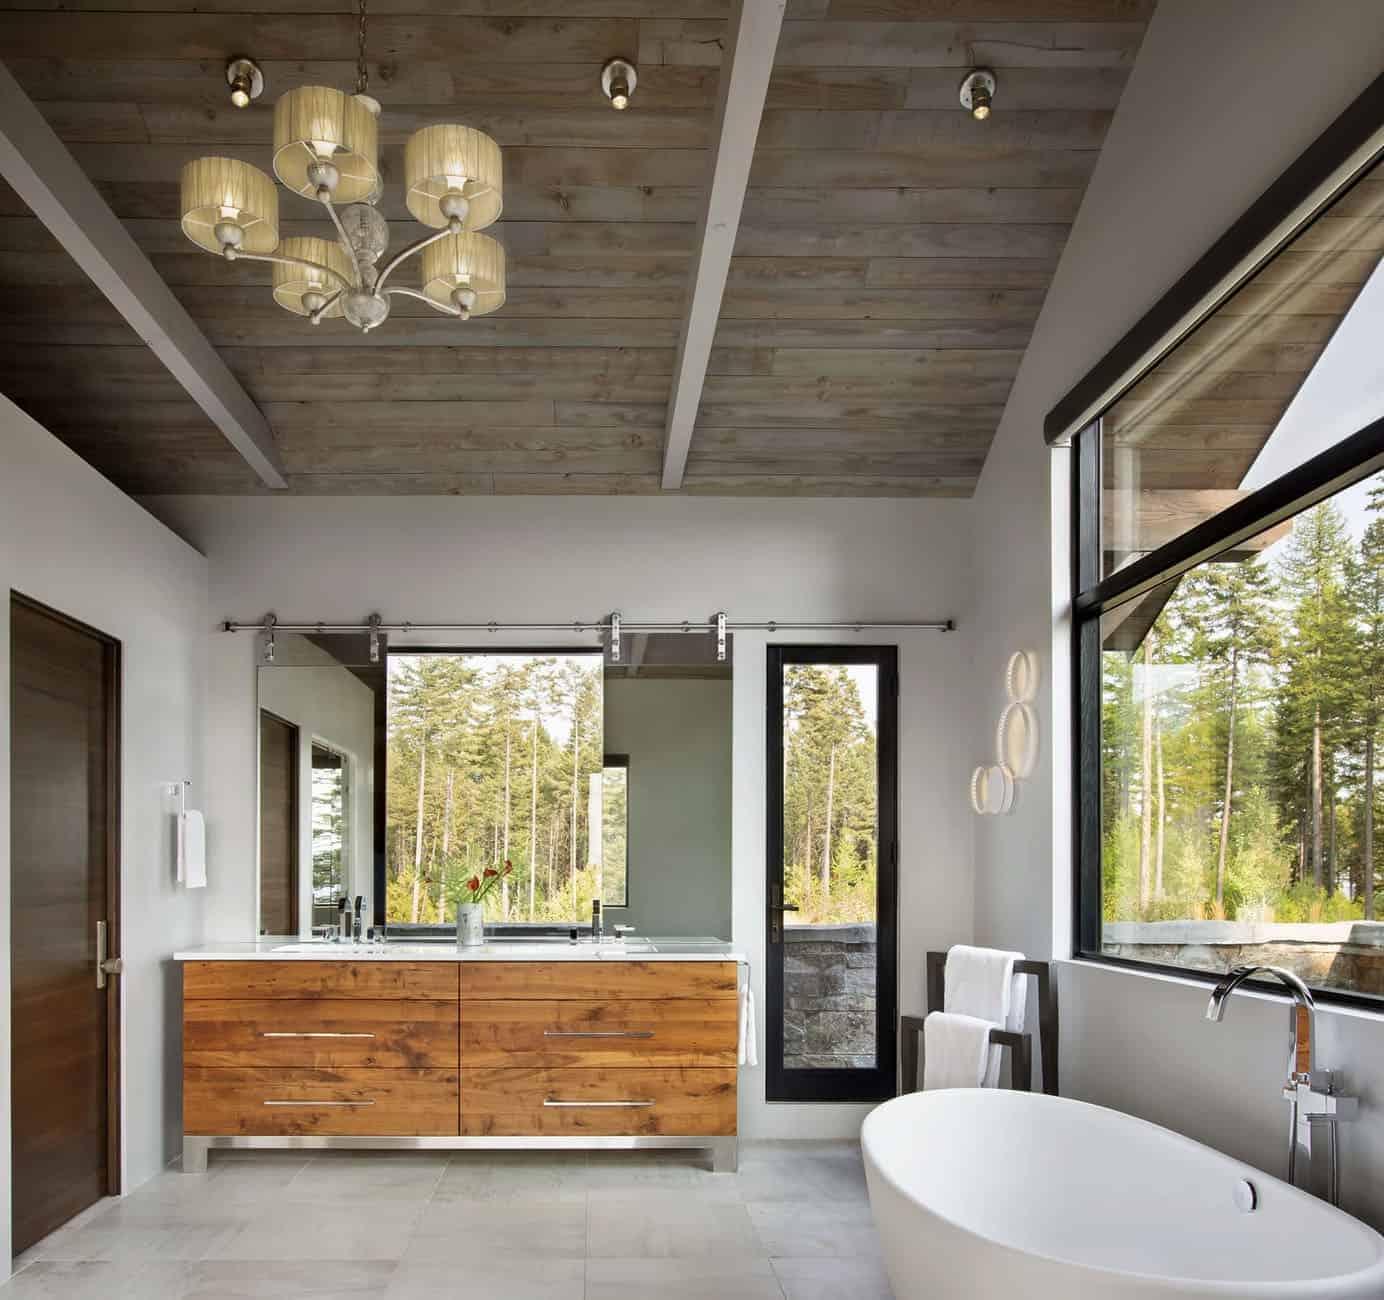 kupaonica u planinskom modernom stilu